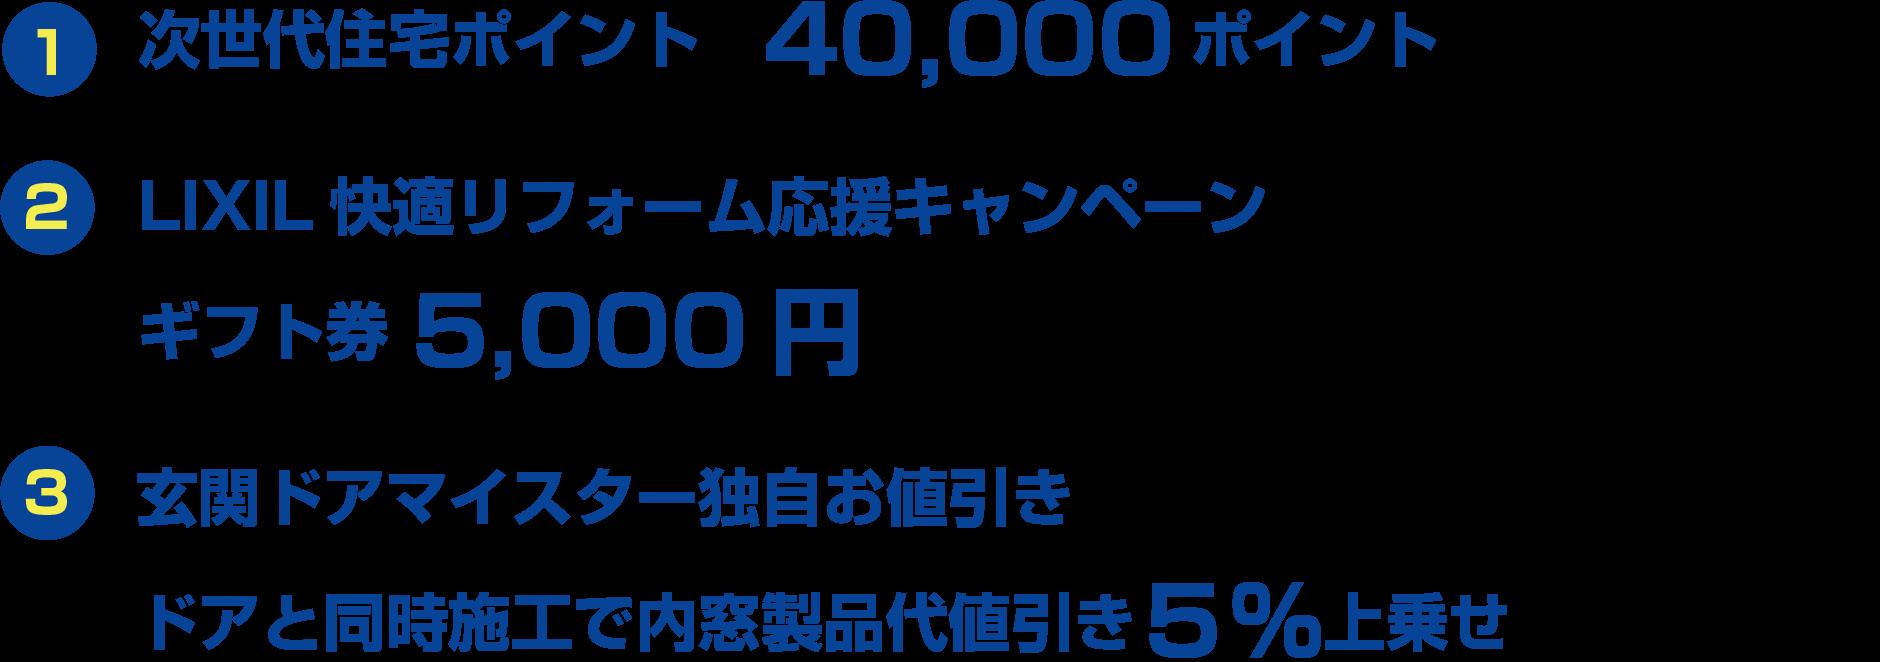 次世代住宅ポイント 40,000ポイント